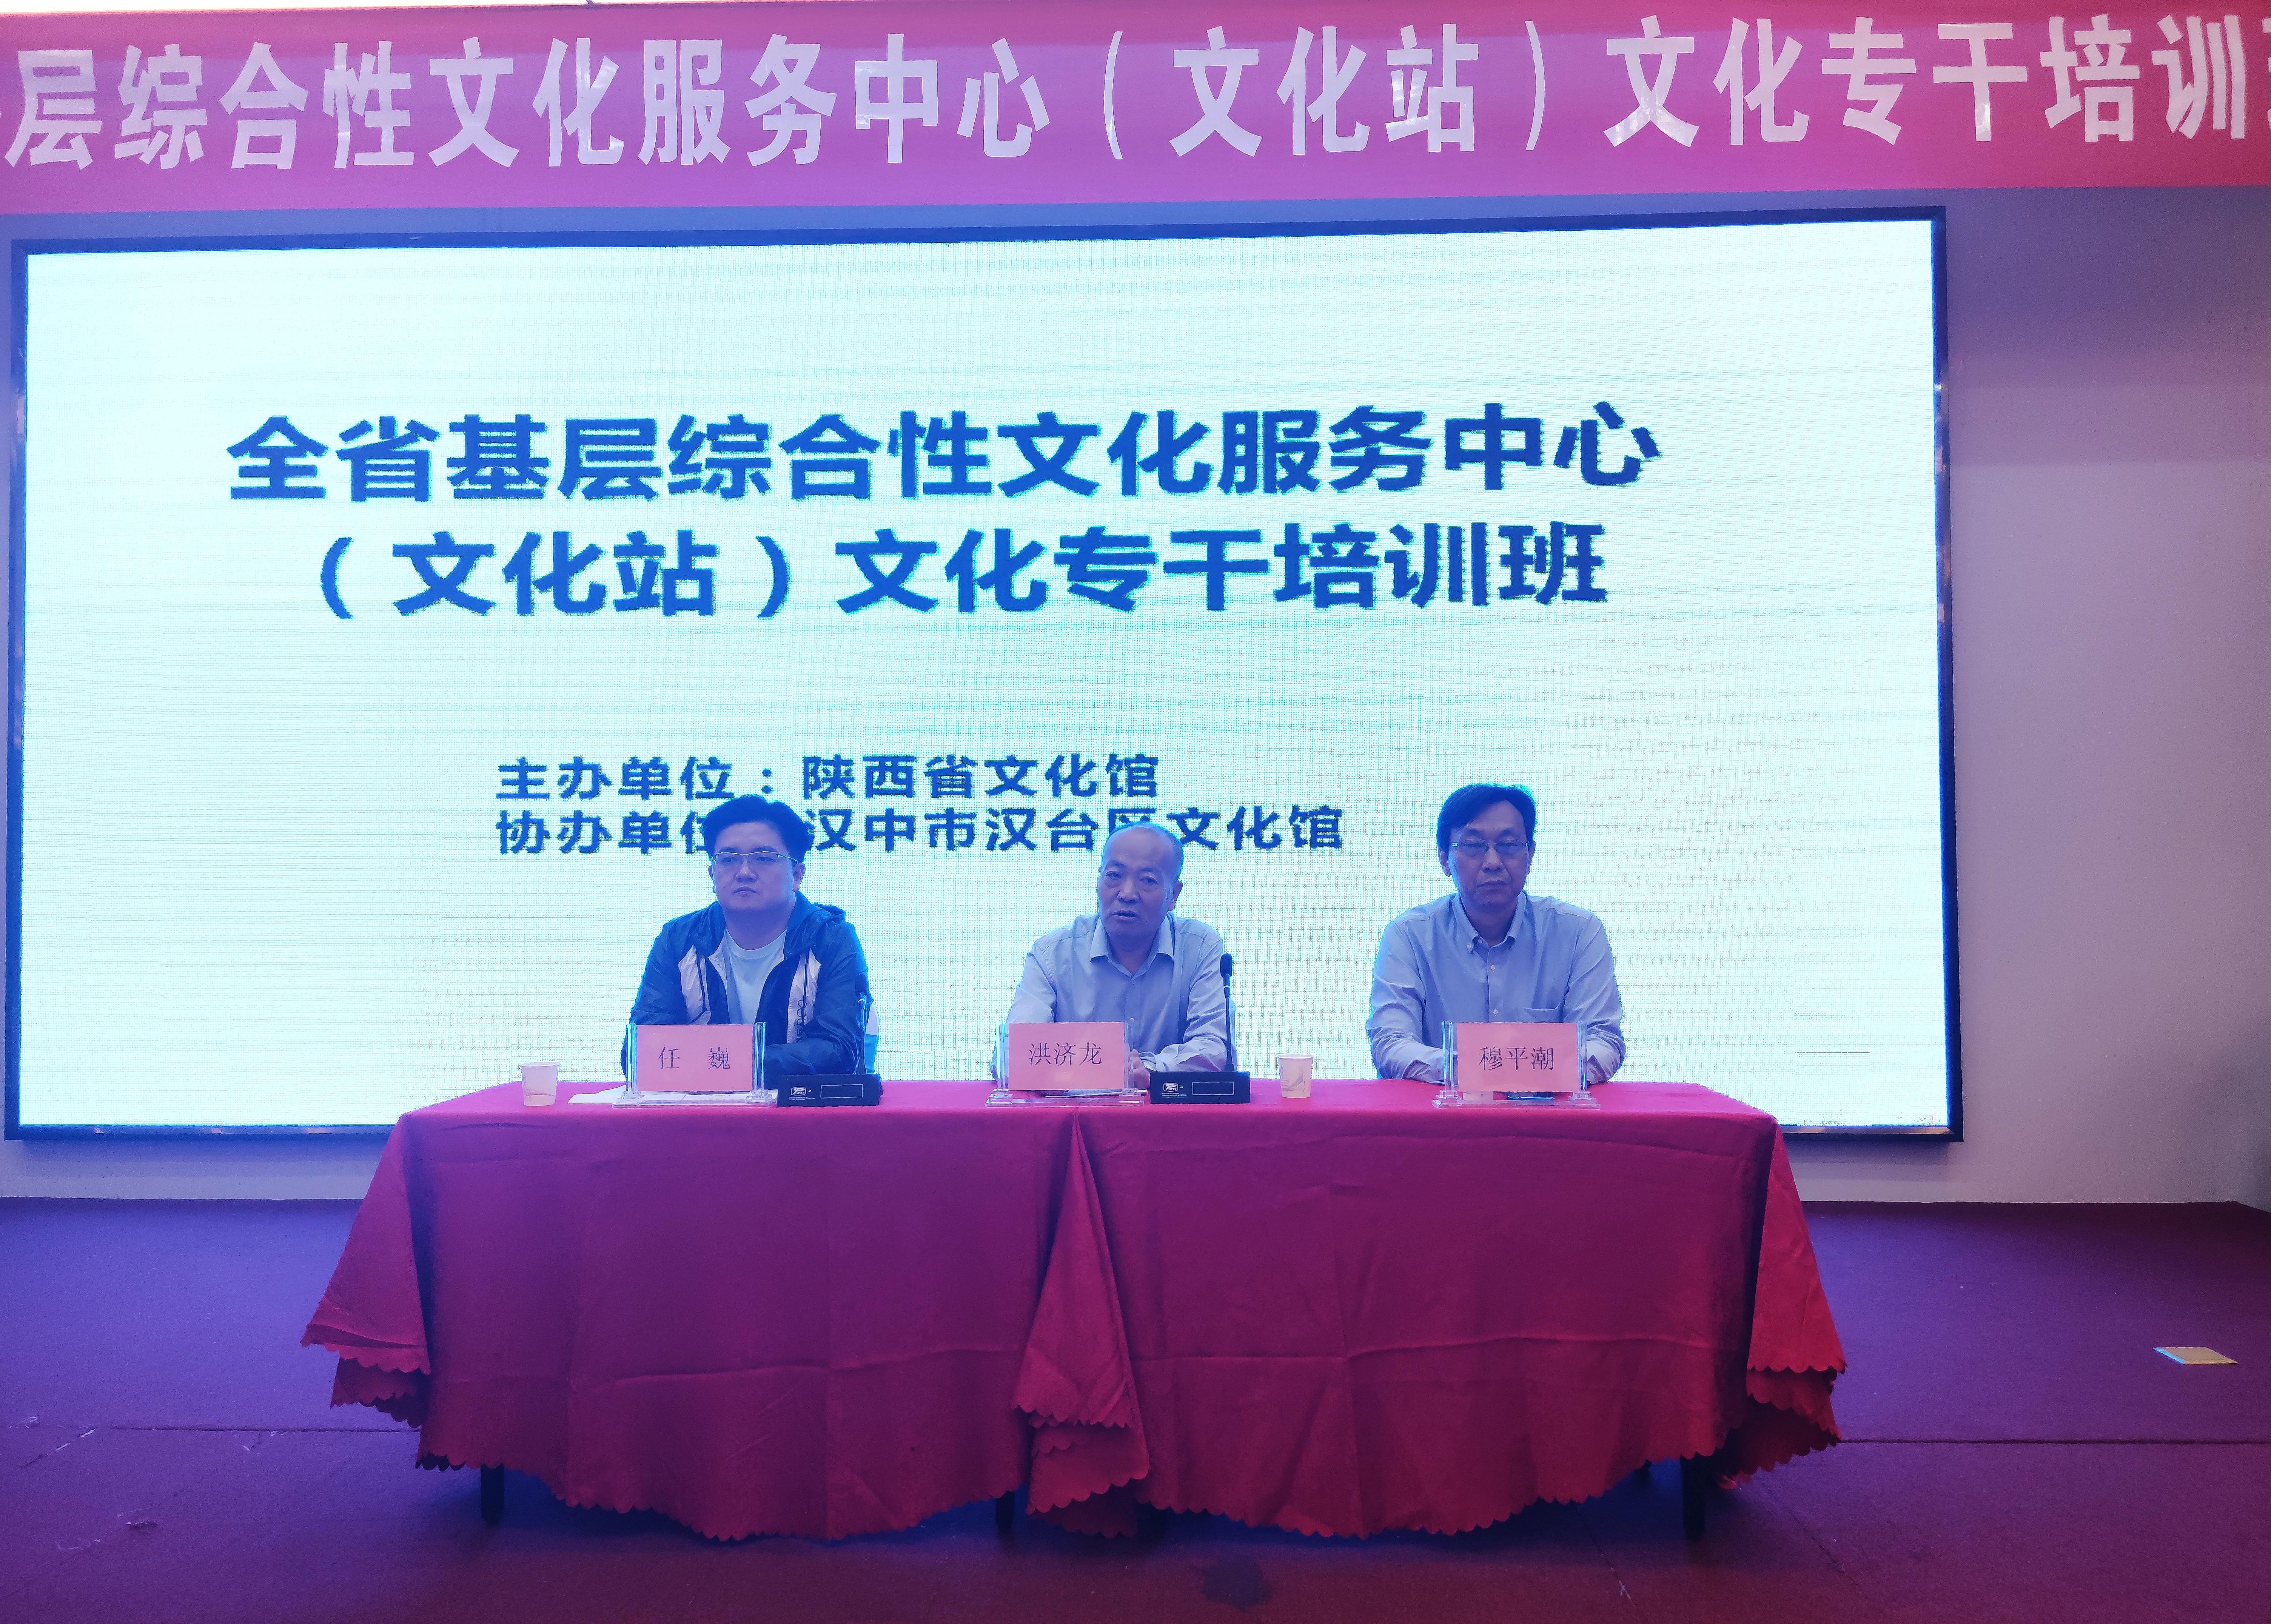 陕西举办基层综合性文化服务中心文化专干培训班